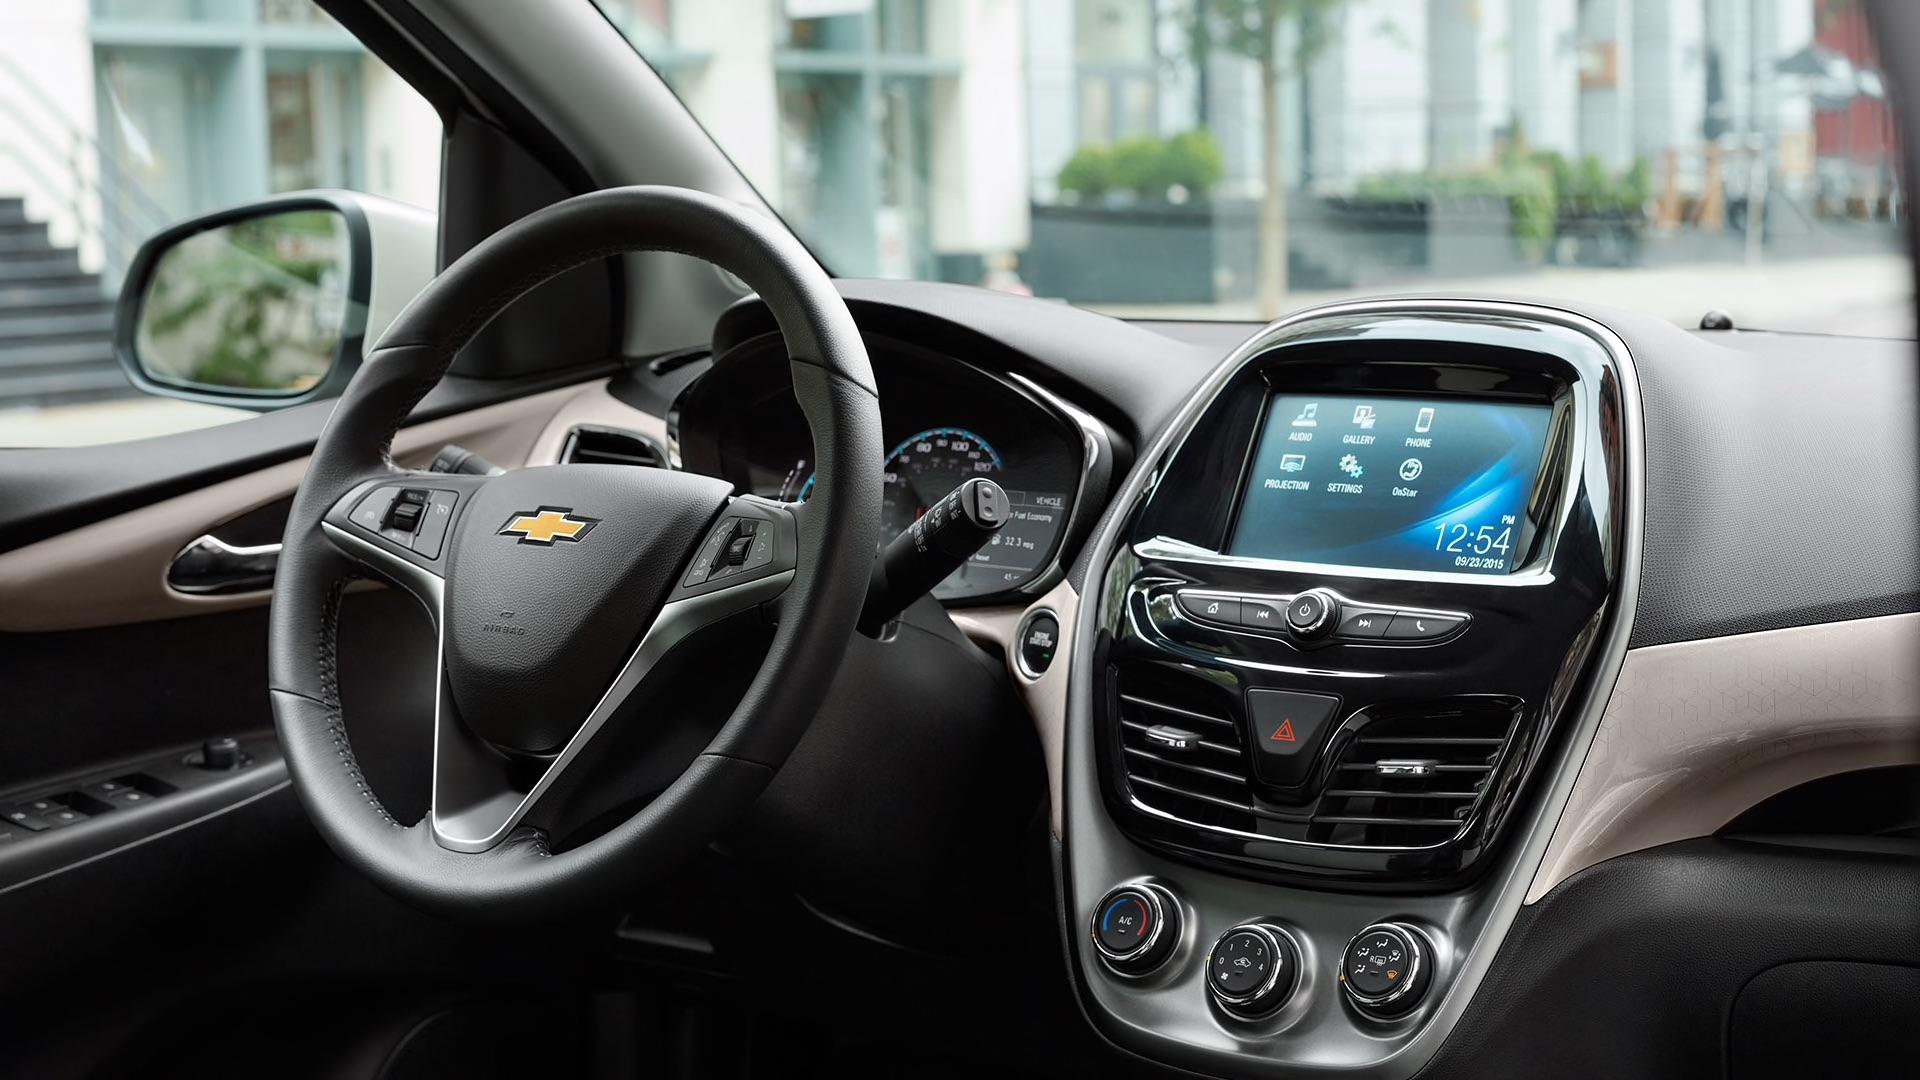 2016 Chevy Spark Tech